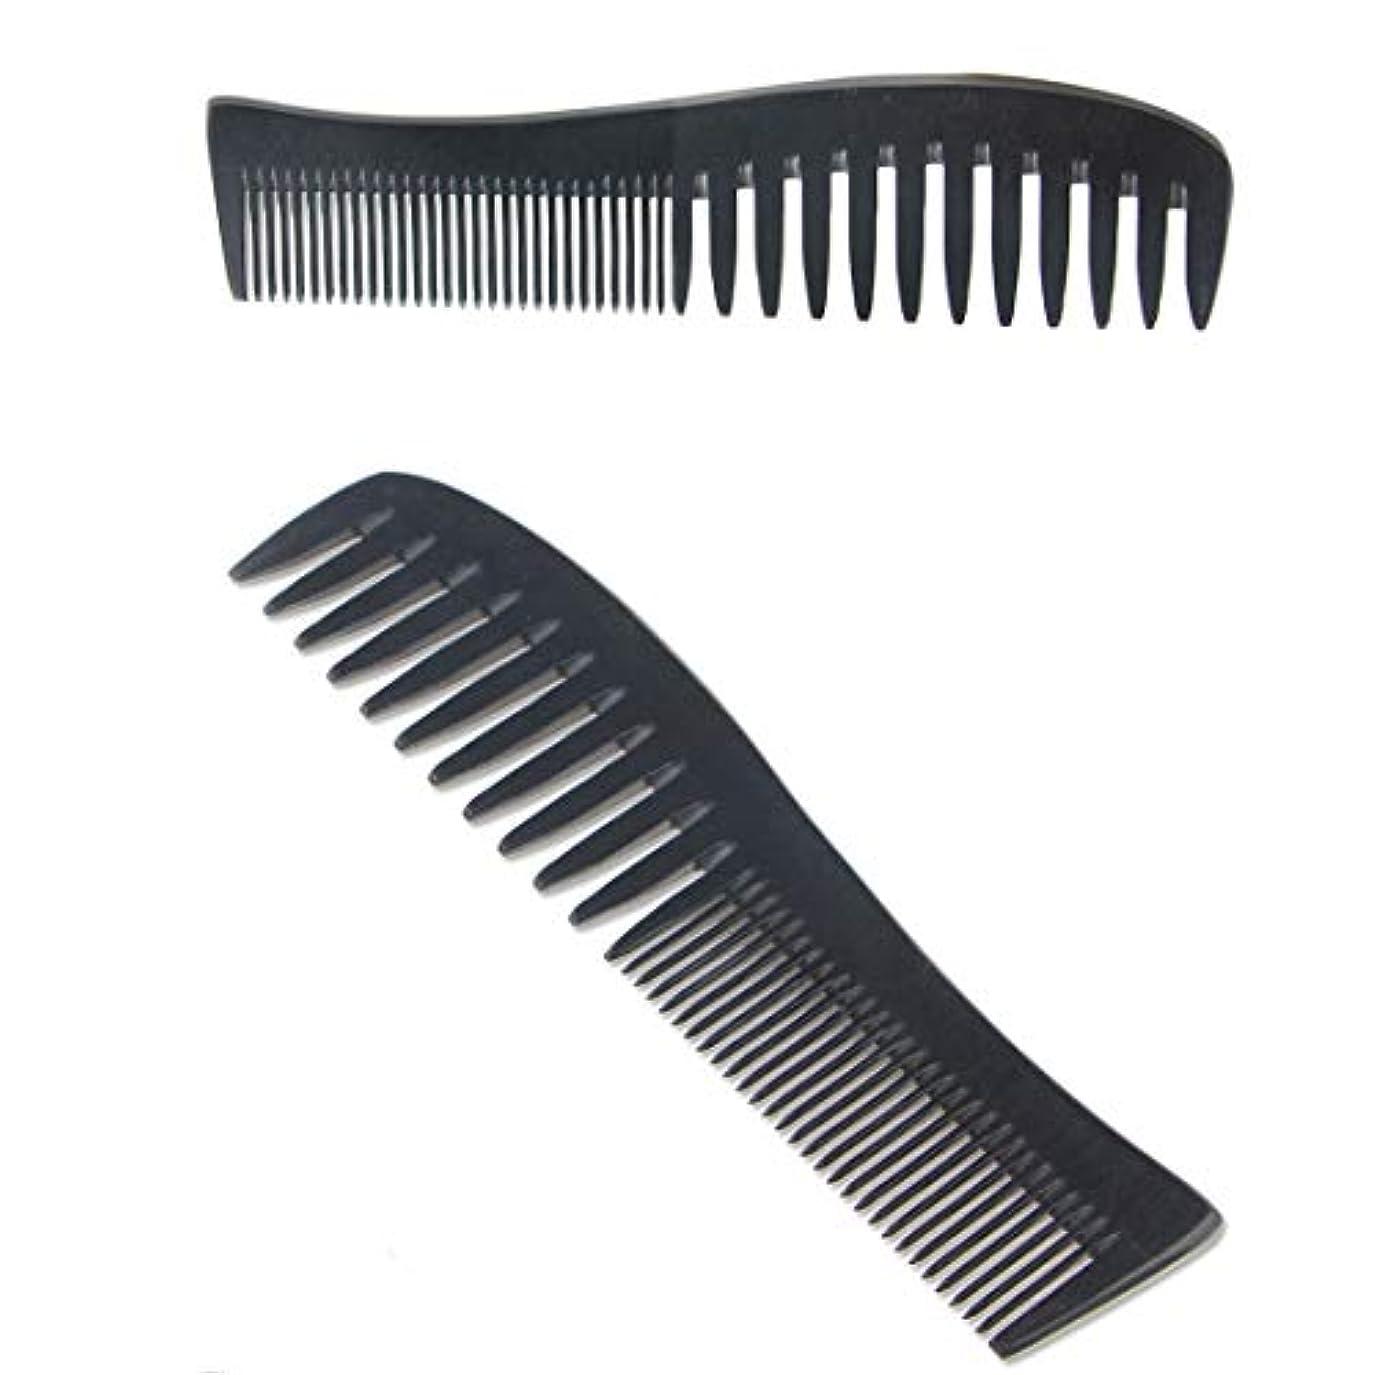 サークル決して禁輸手作りの木製くし - ふけ防止、帯電防止、環境にやさしい - 頭皮と髪の健康に最適、幅広の歯2個 ヘアケア (色 : 2Pcs)